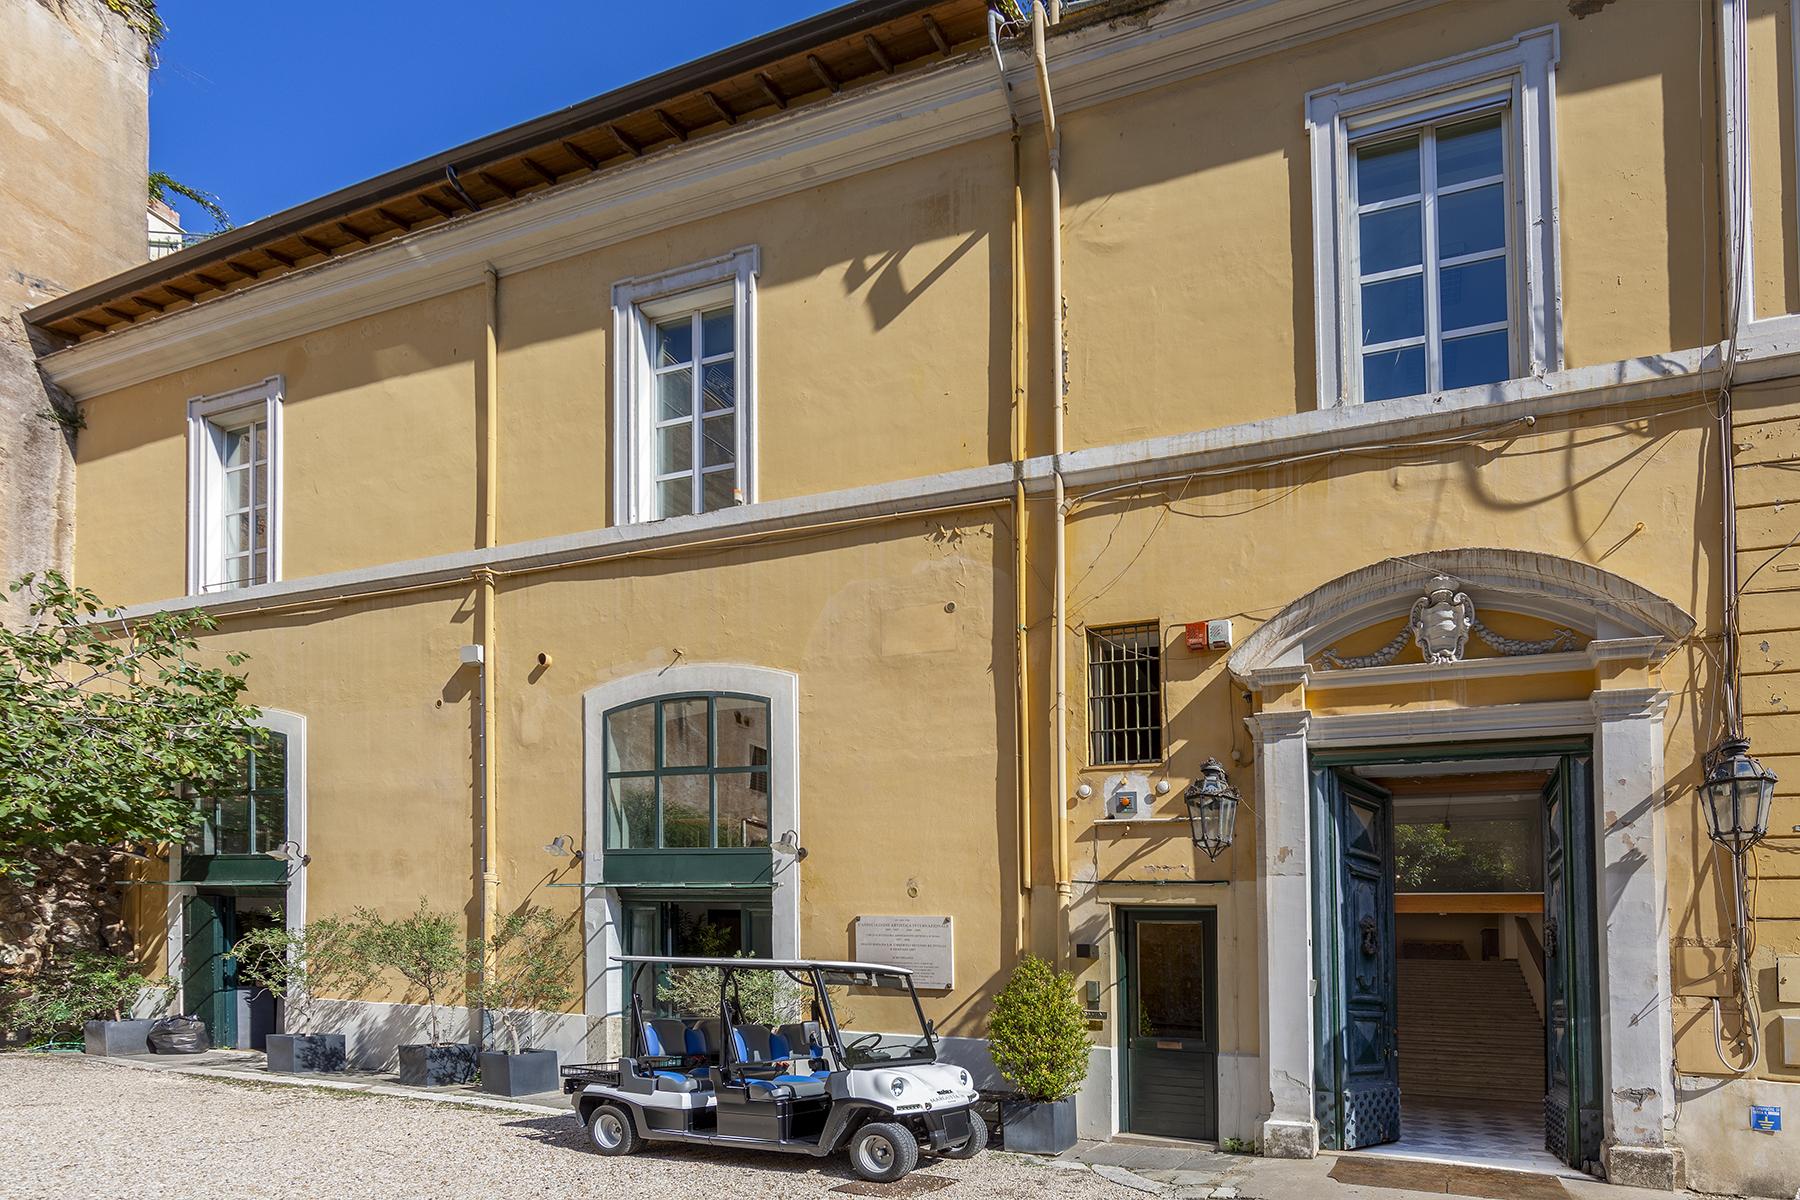 Ufficio studio di lusso in vendita a roma piazza di spagna for Studio affitto roma